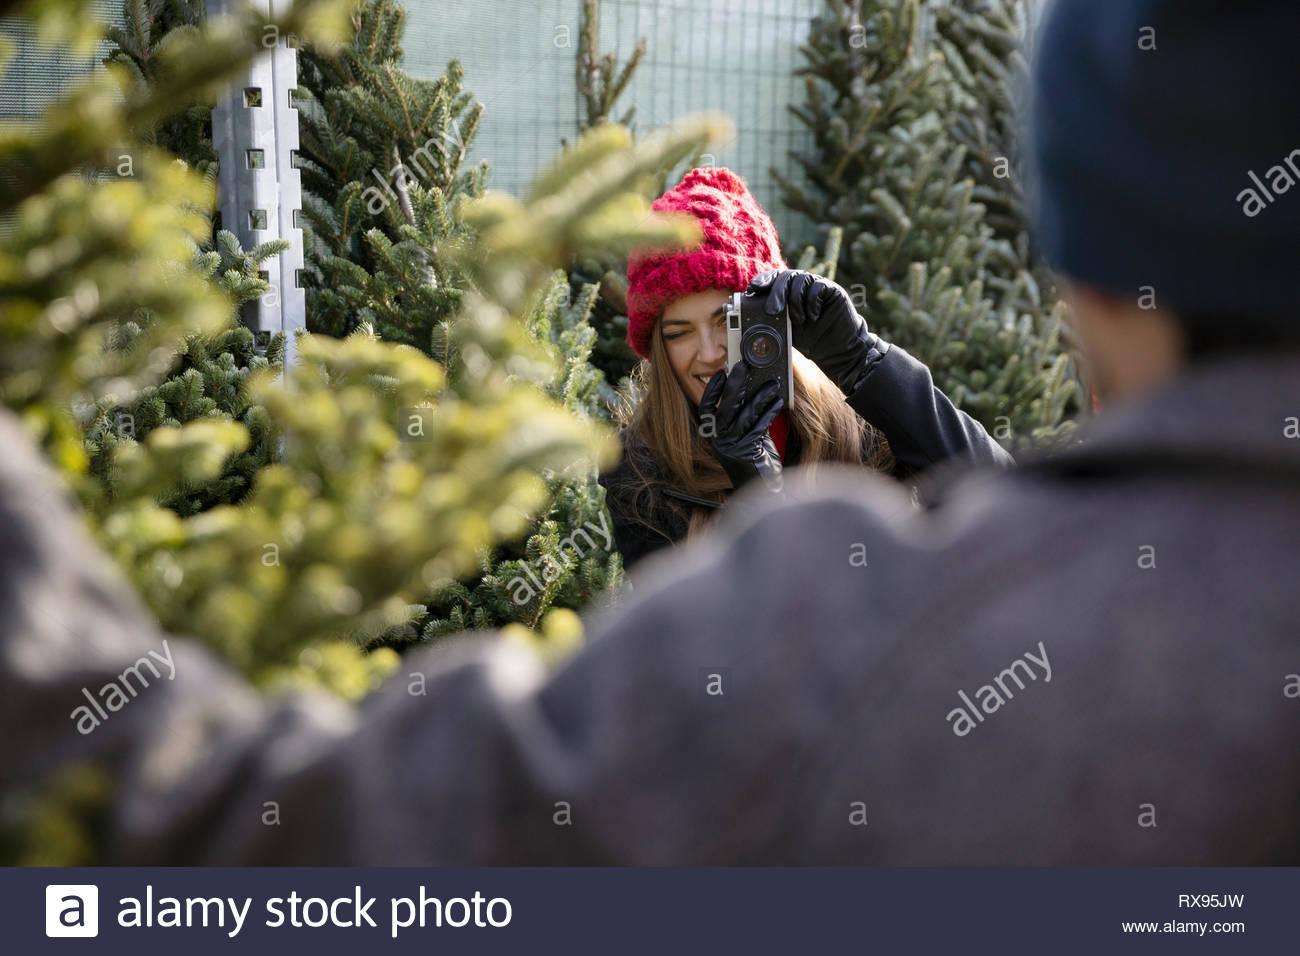 Frau mit Kamera fotografieren Freund mit Weihnachtsbaum am Weihnachtsmarkt Stockbild